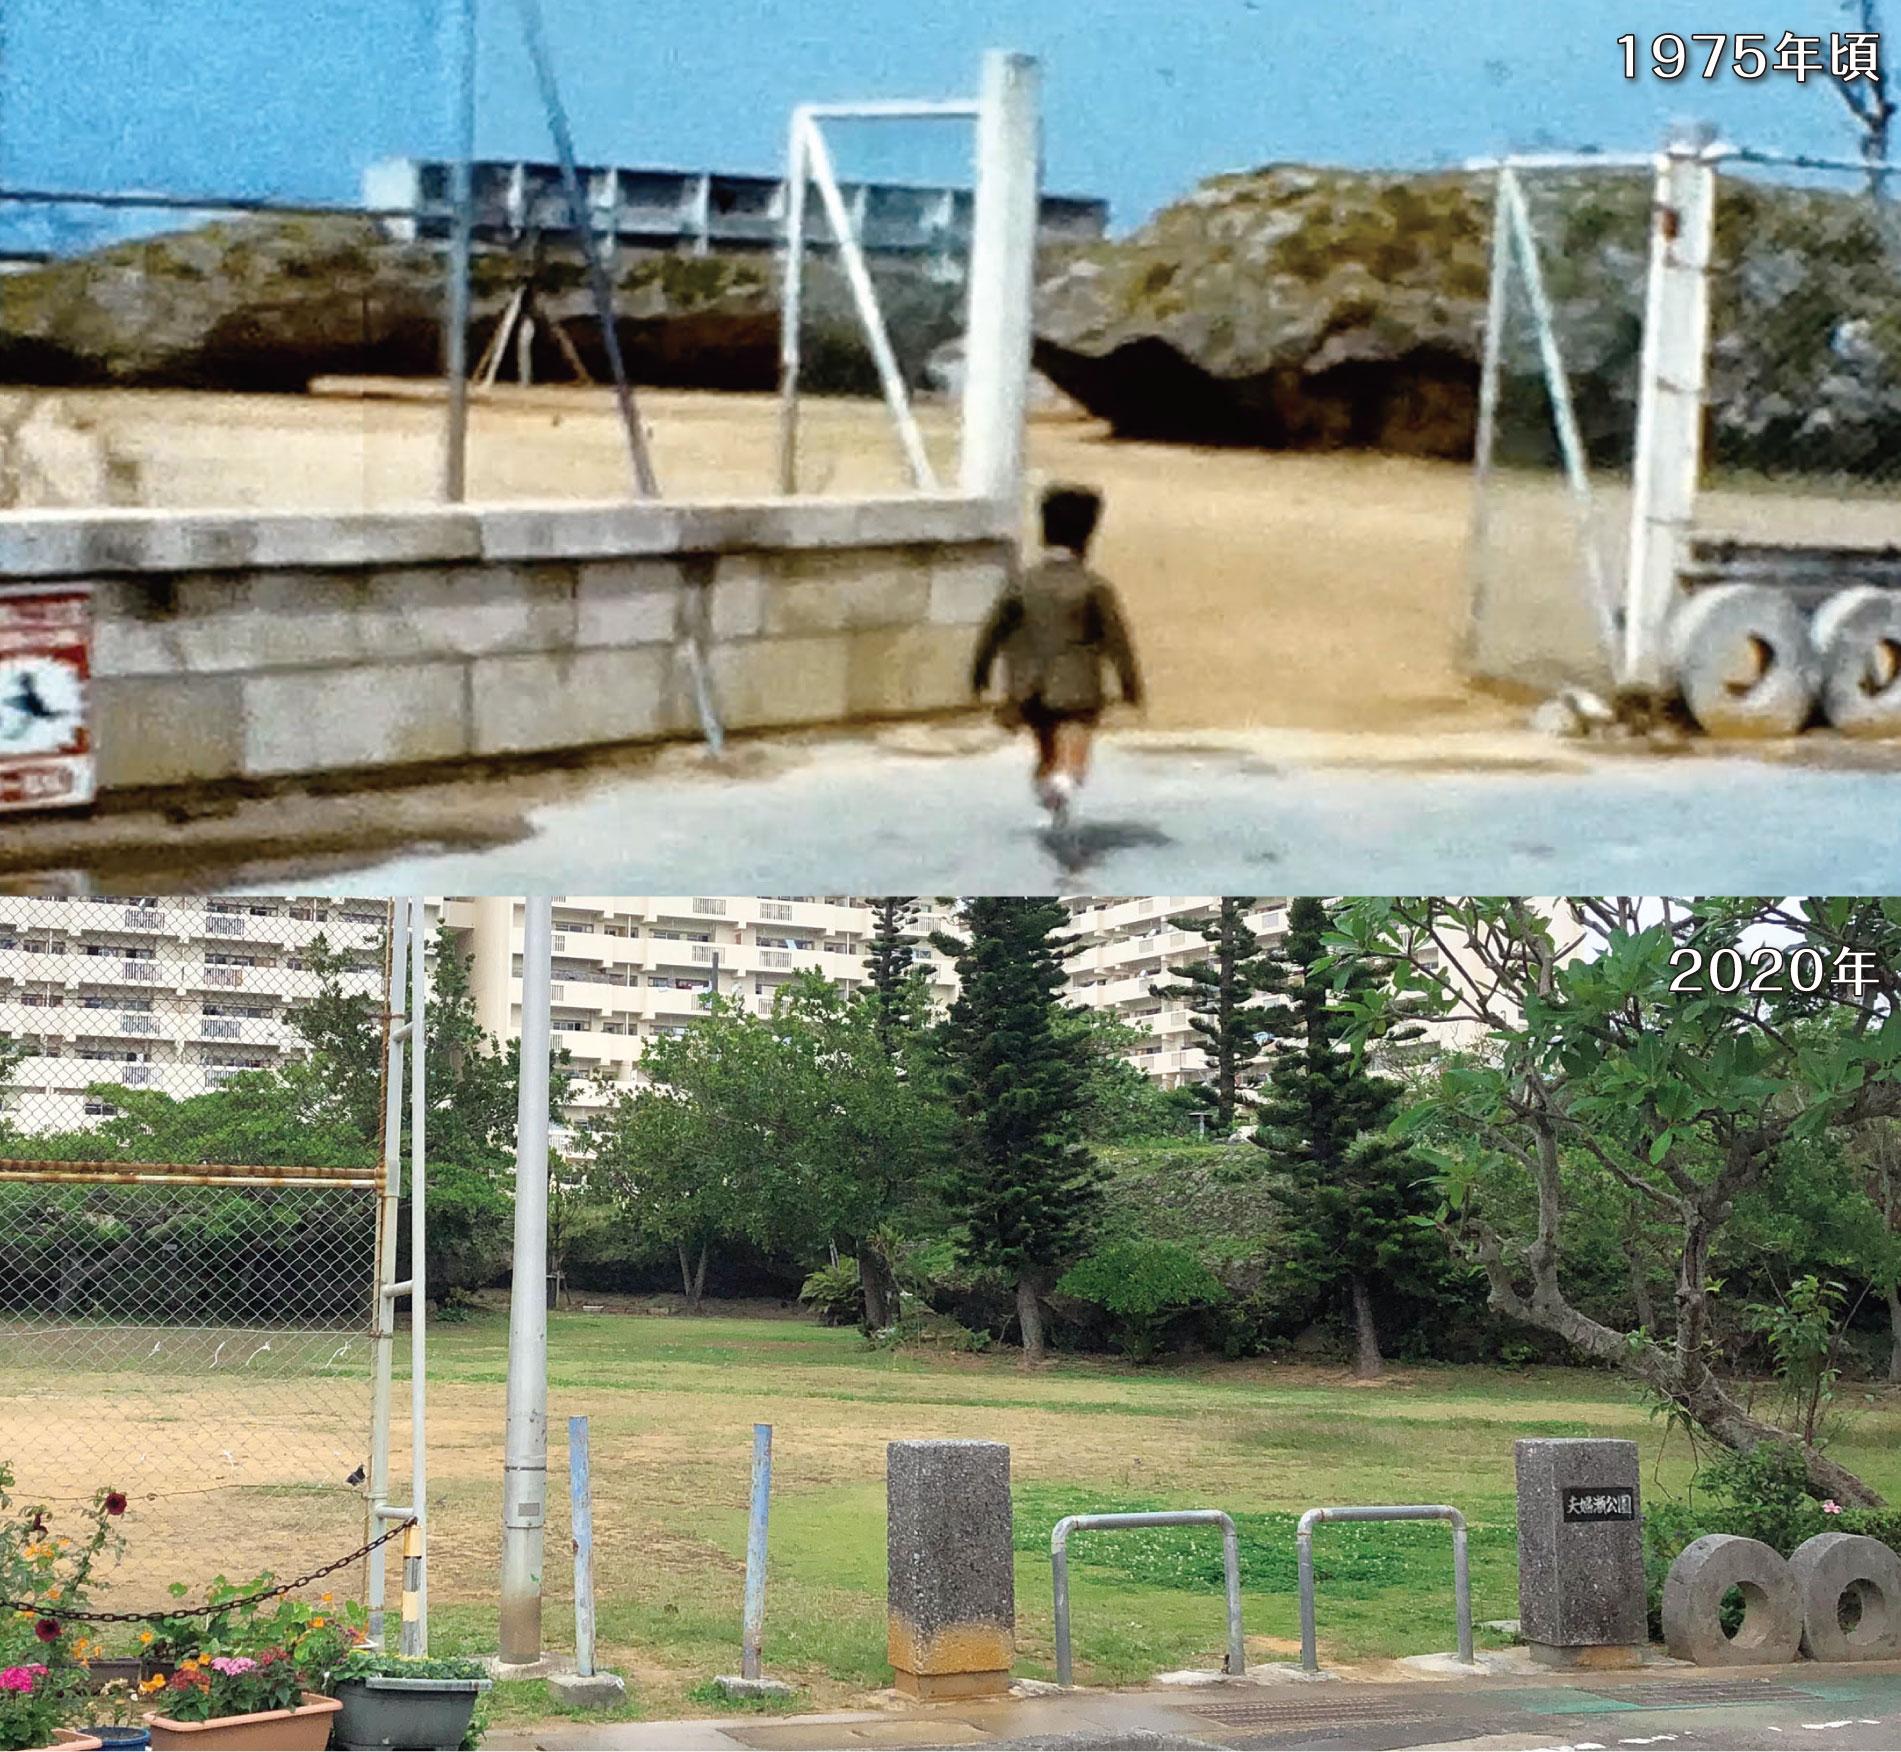 Okinawa航時機 古写真から読みとく、当時の街の姿 住宅街の憩いの場所〜夫婦瀬公園